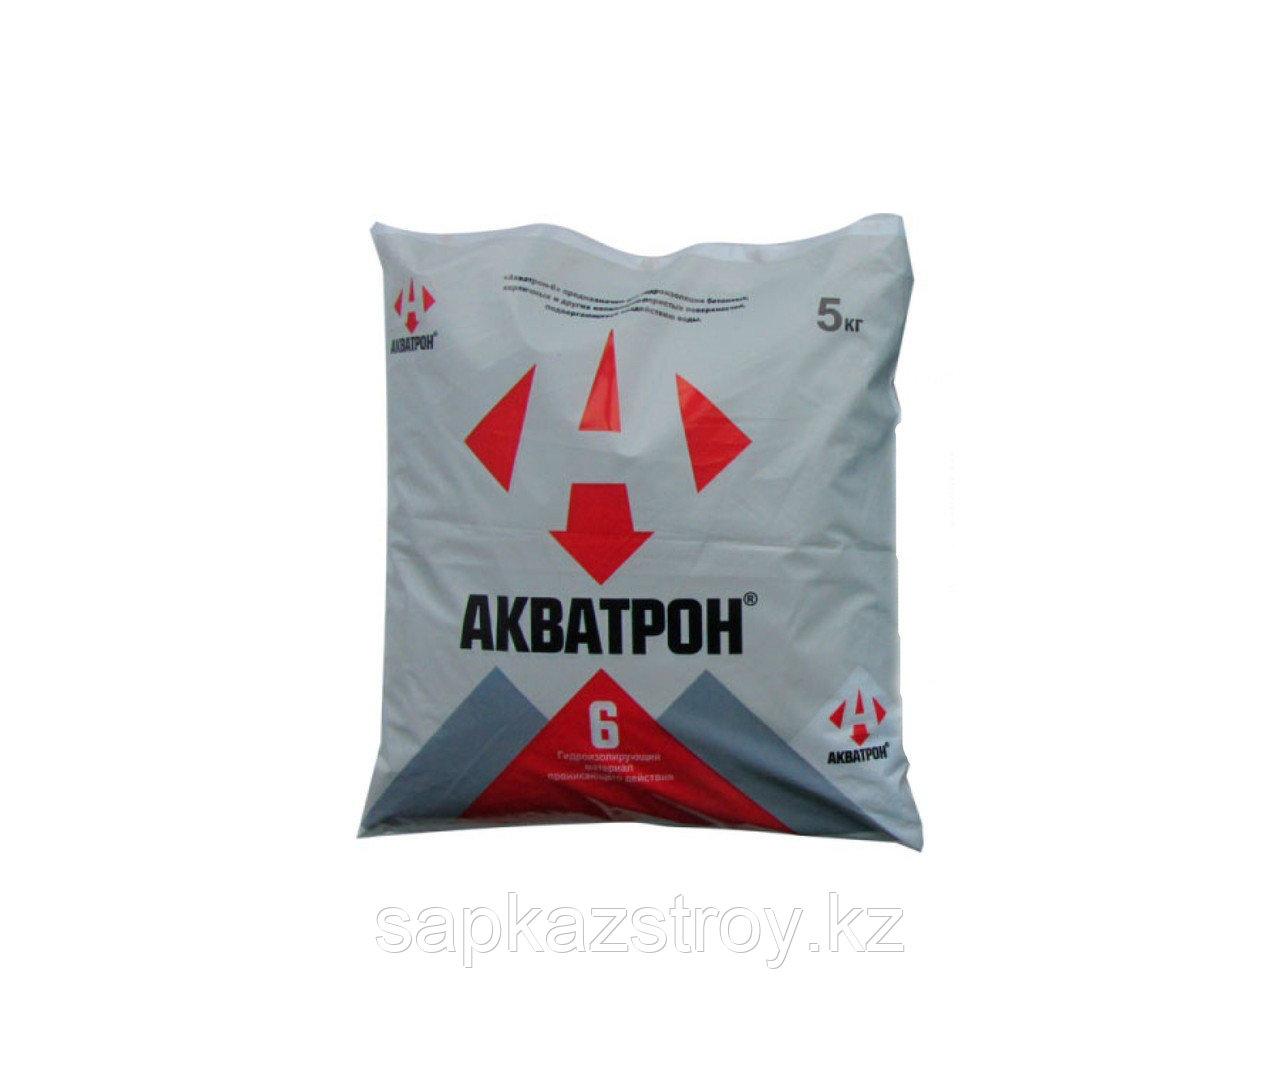 Гидроизоляция проникающая АКВАТРОН-6